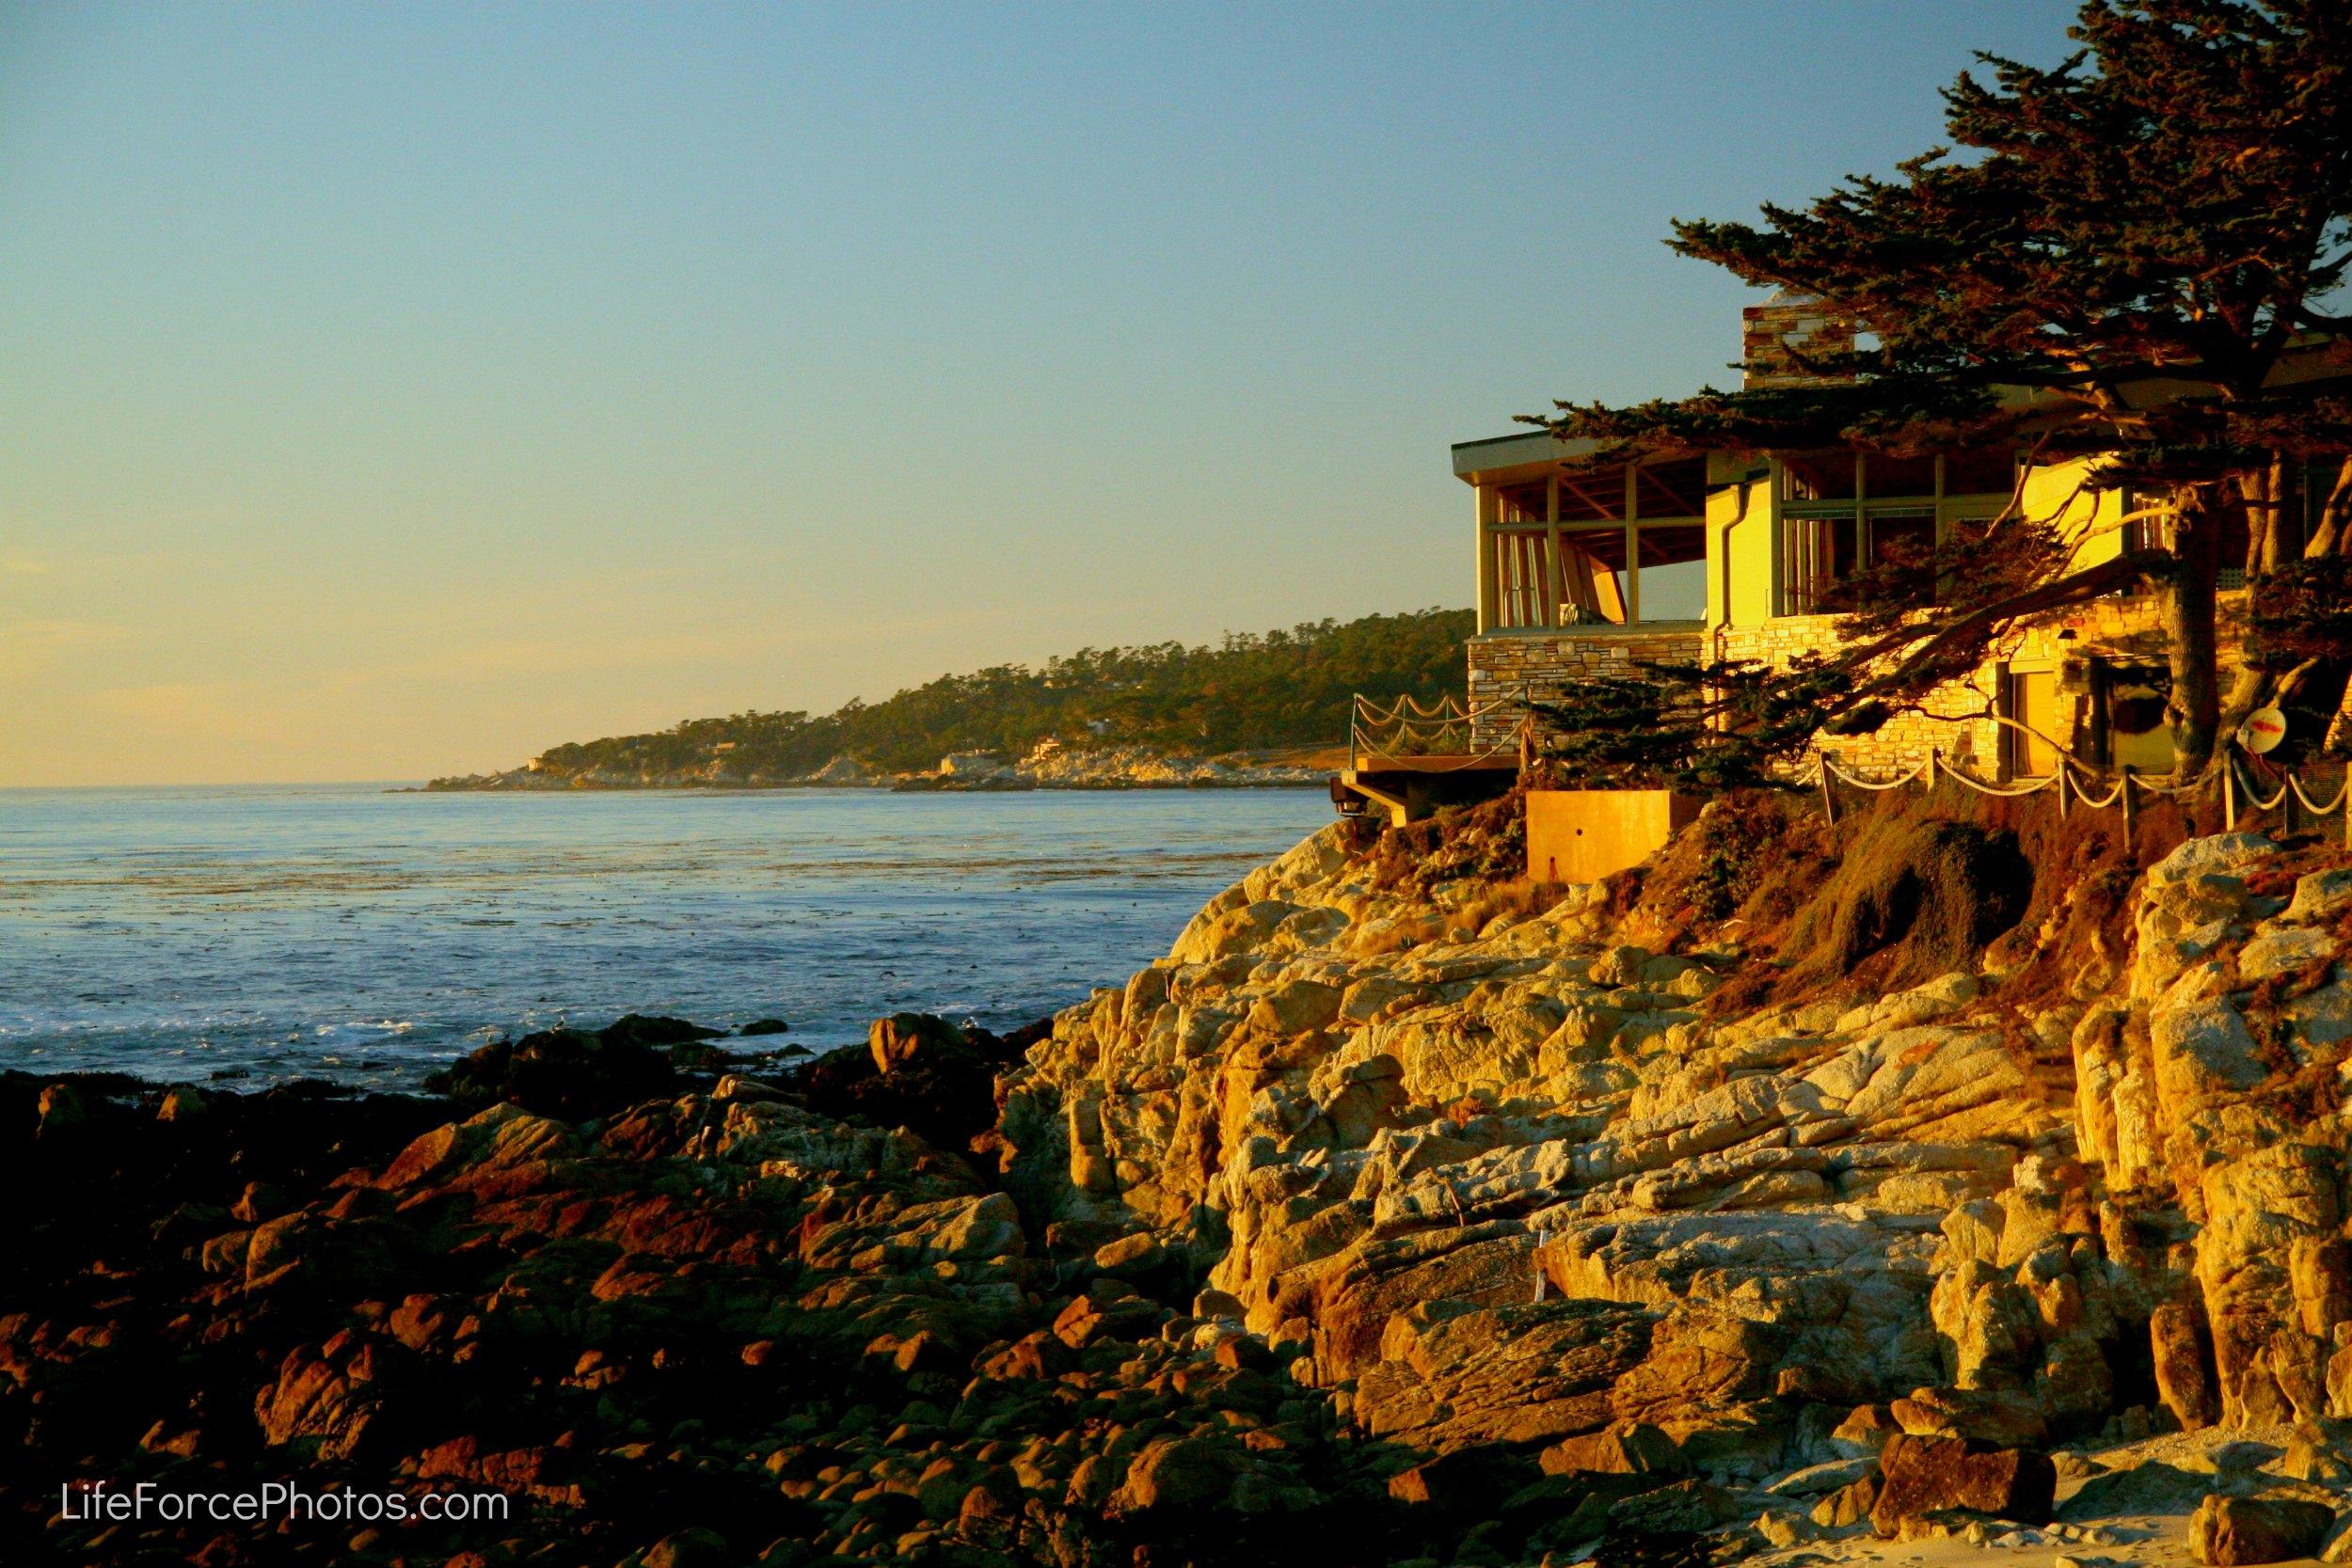 carmel-house-on-beach-fixed.jpg